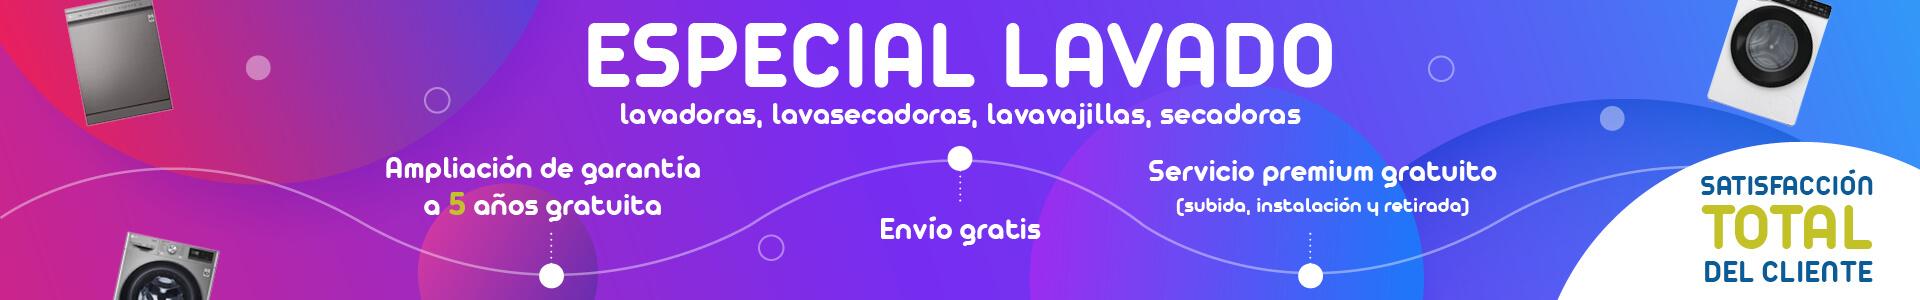 Especial Lavado